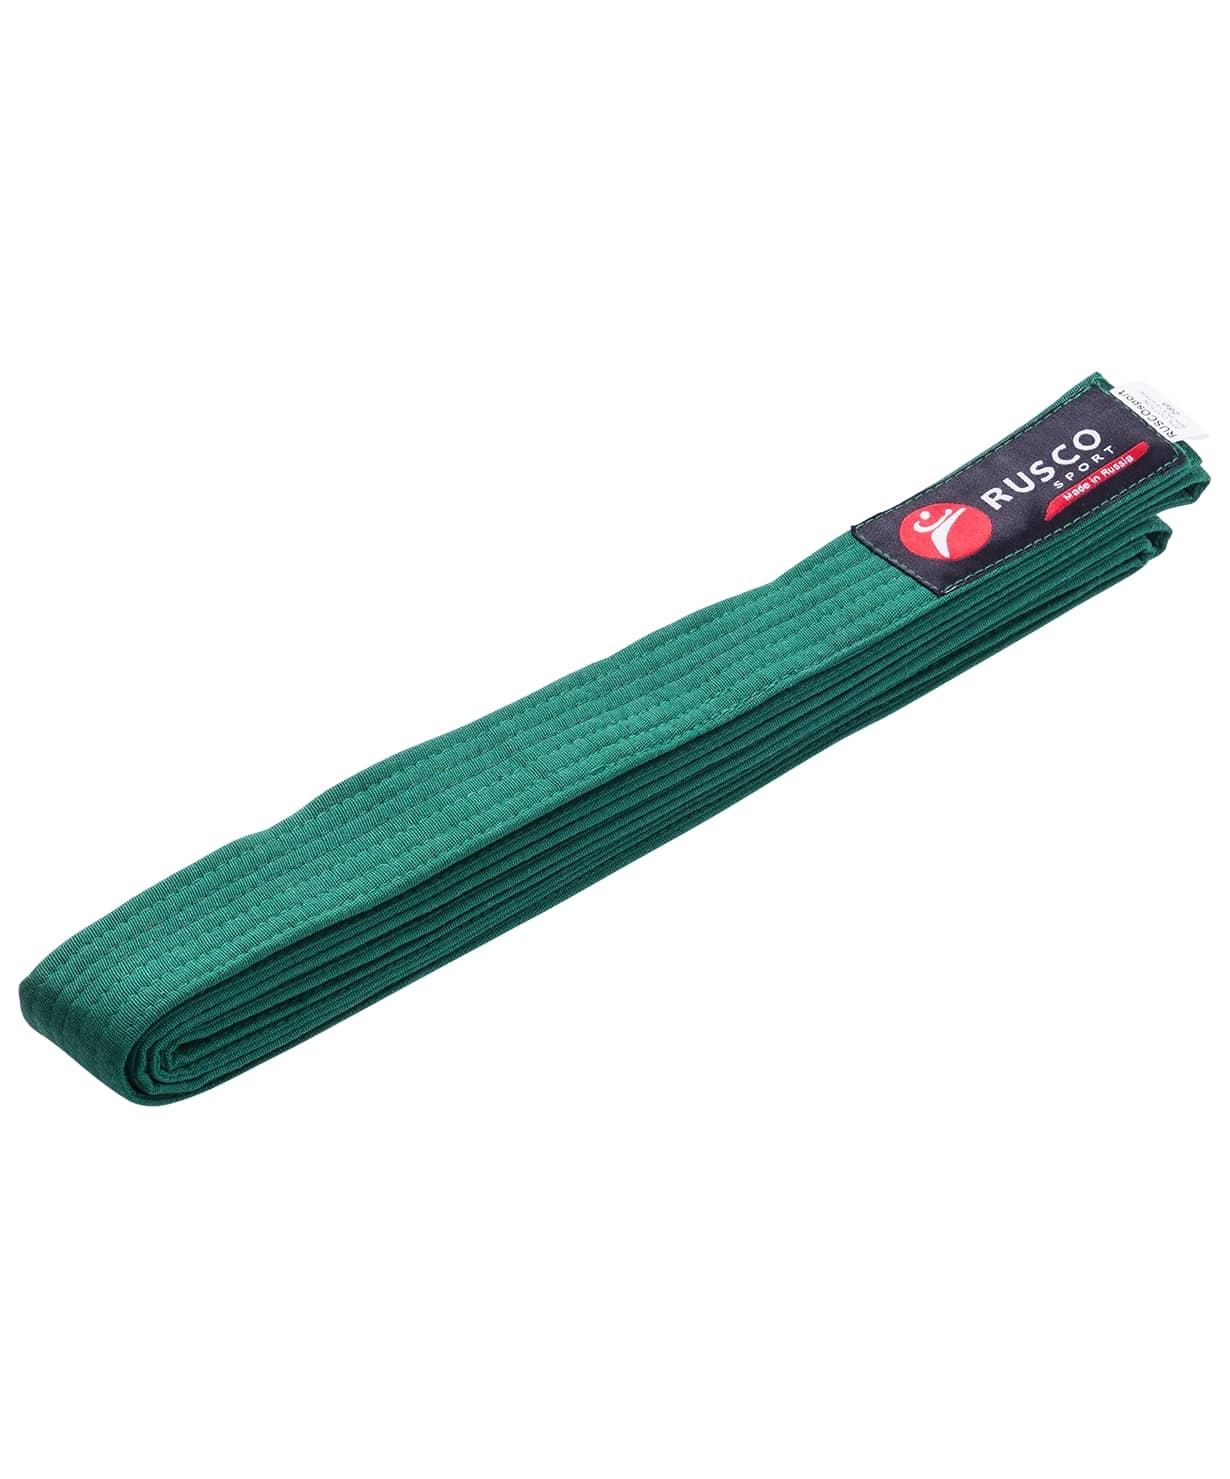 Пояс для единоборств, 240 см, зеленый